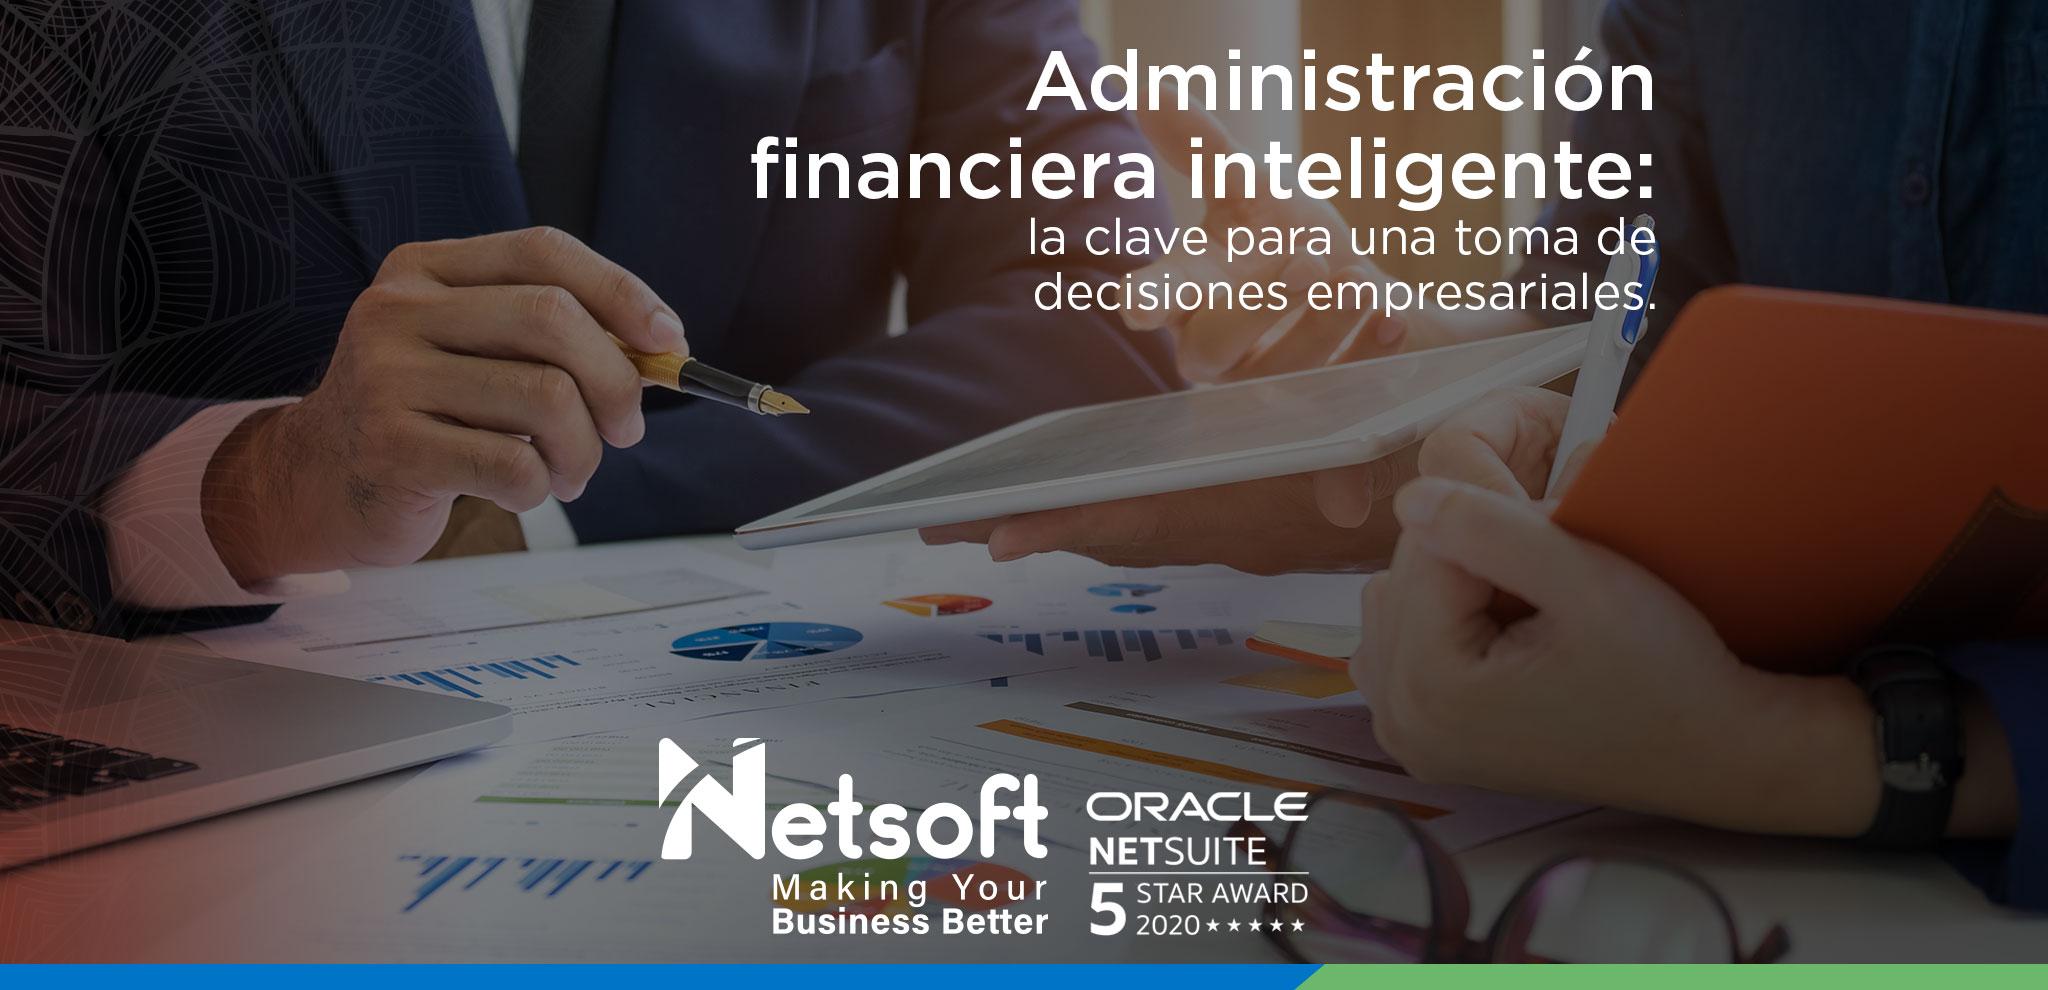 Administración financiera inteligente:  la clave para una toma de decisiones empresariales.